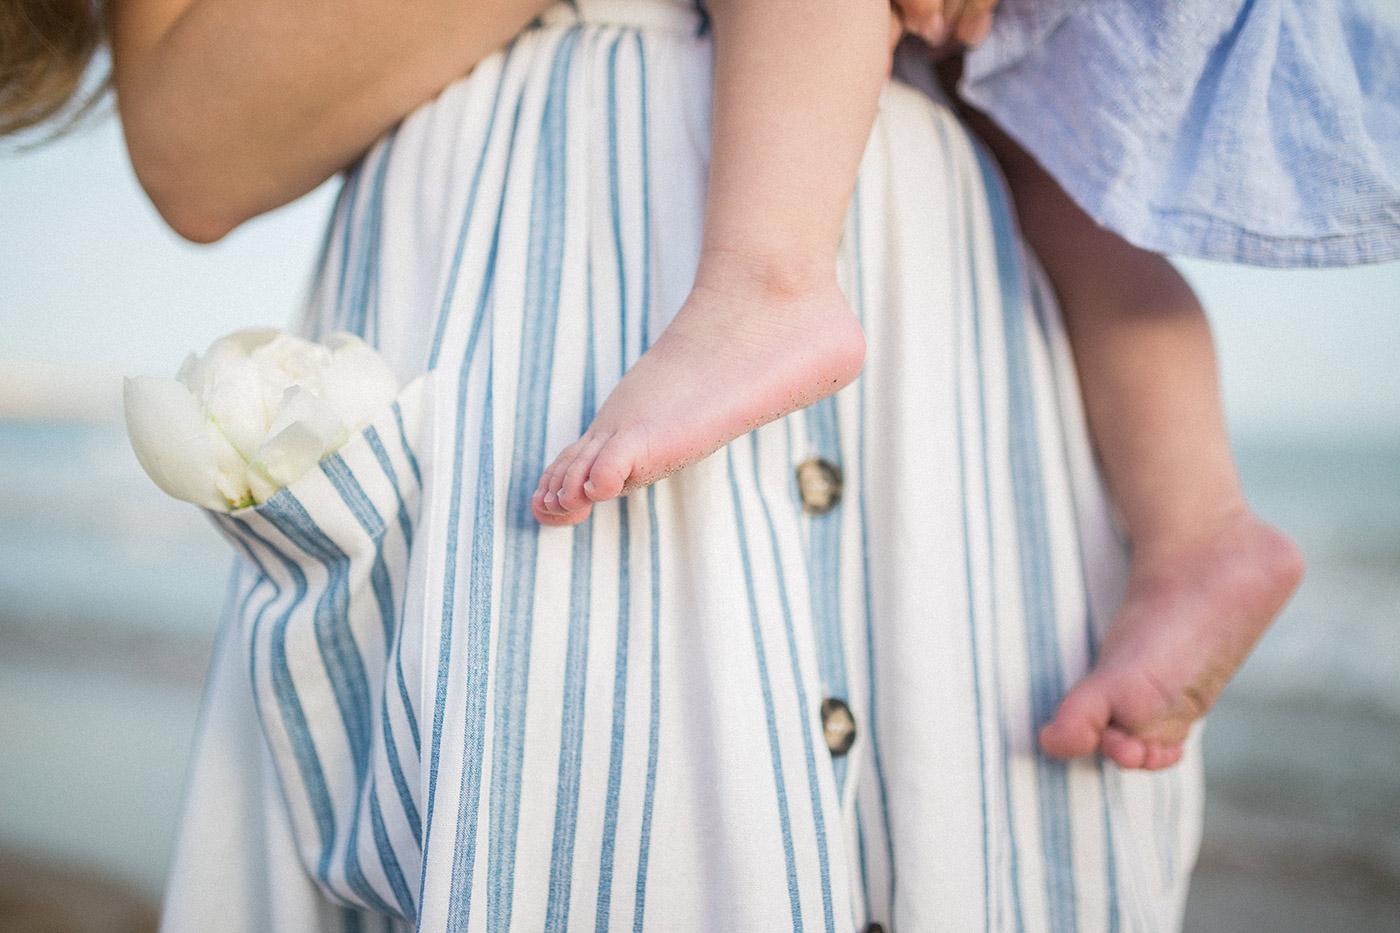 Sitges Family Photographer | Lovely fingers| Lena Karelova Photographer in Barcelona